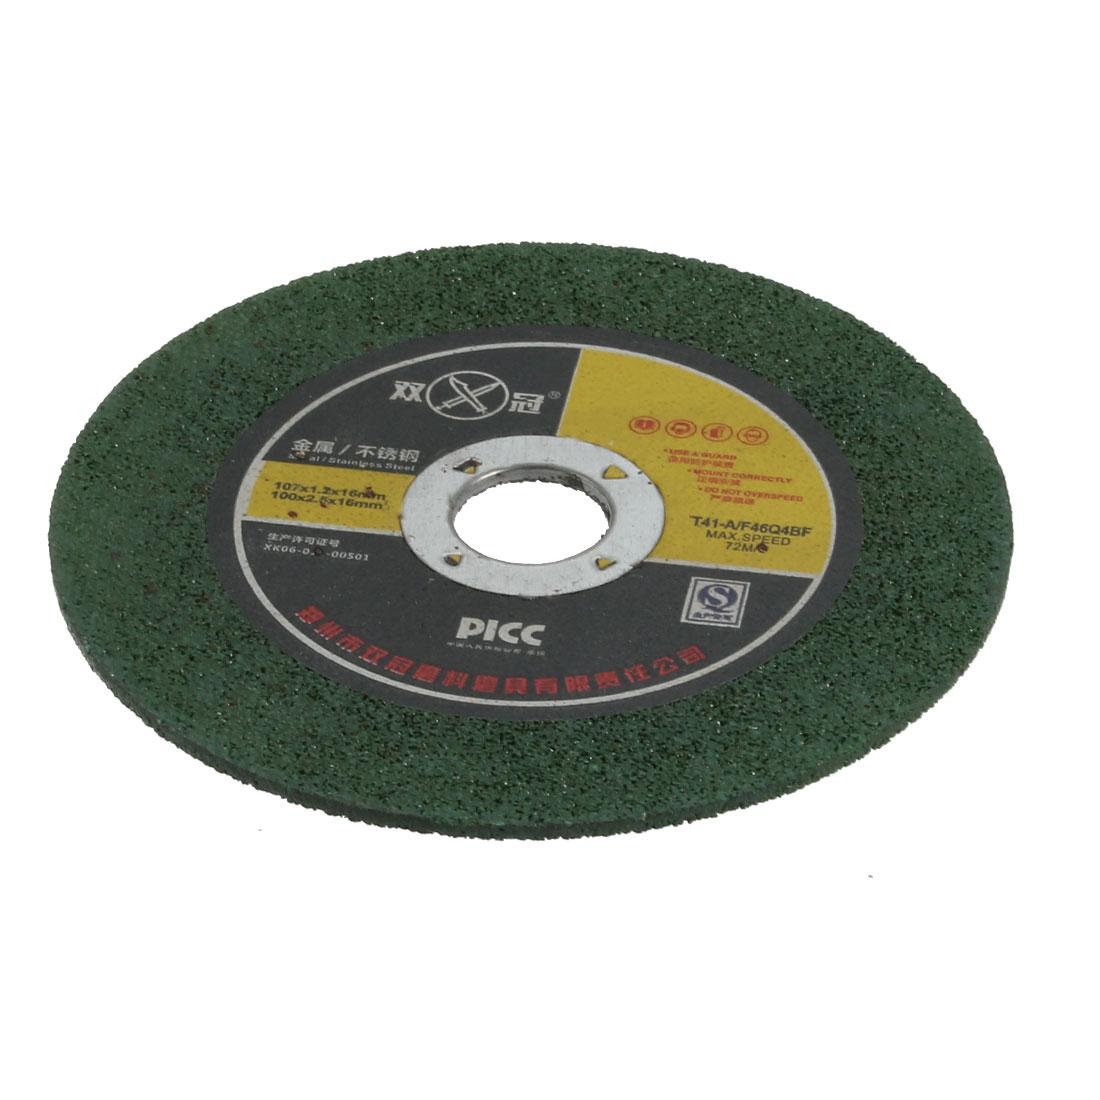 100mmx2.5mmx16mm Cutting Wheel Grinding Cut Off Disc Green 2pcs